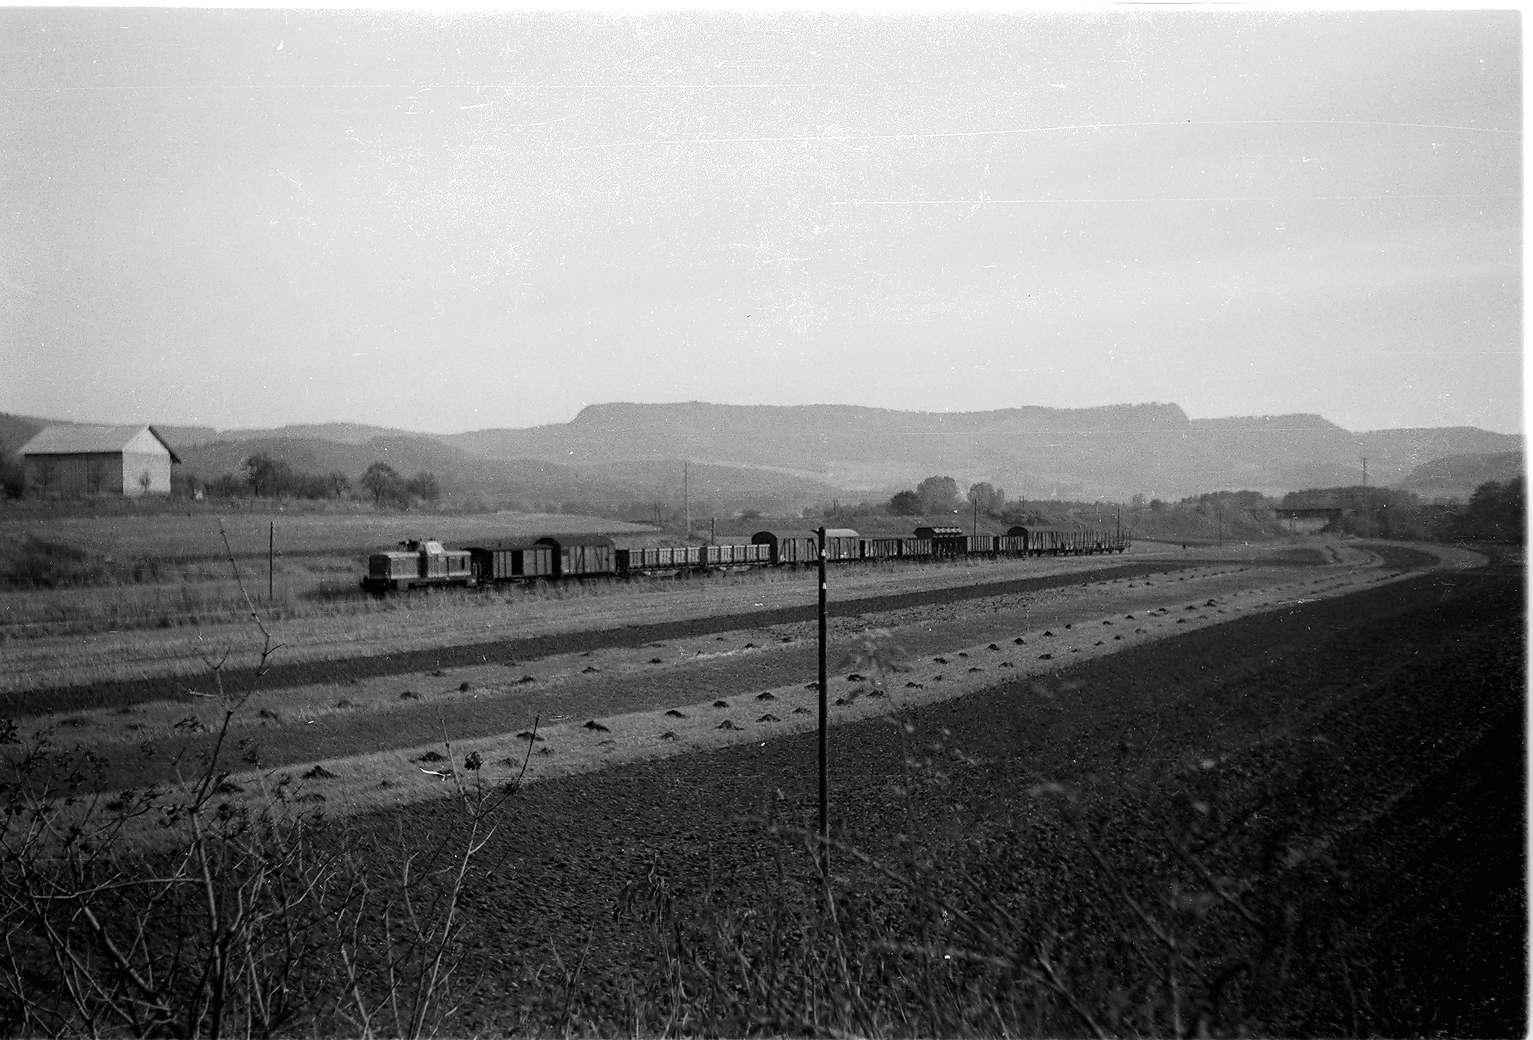 Güterzug 304 mit Diesellok V81 mit Packwagen und Personenwagen, bei Hechingen mit Schlatter Wand, Bild 1